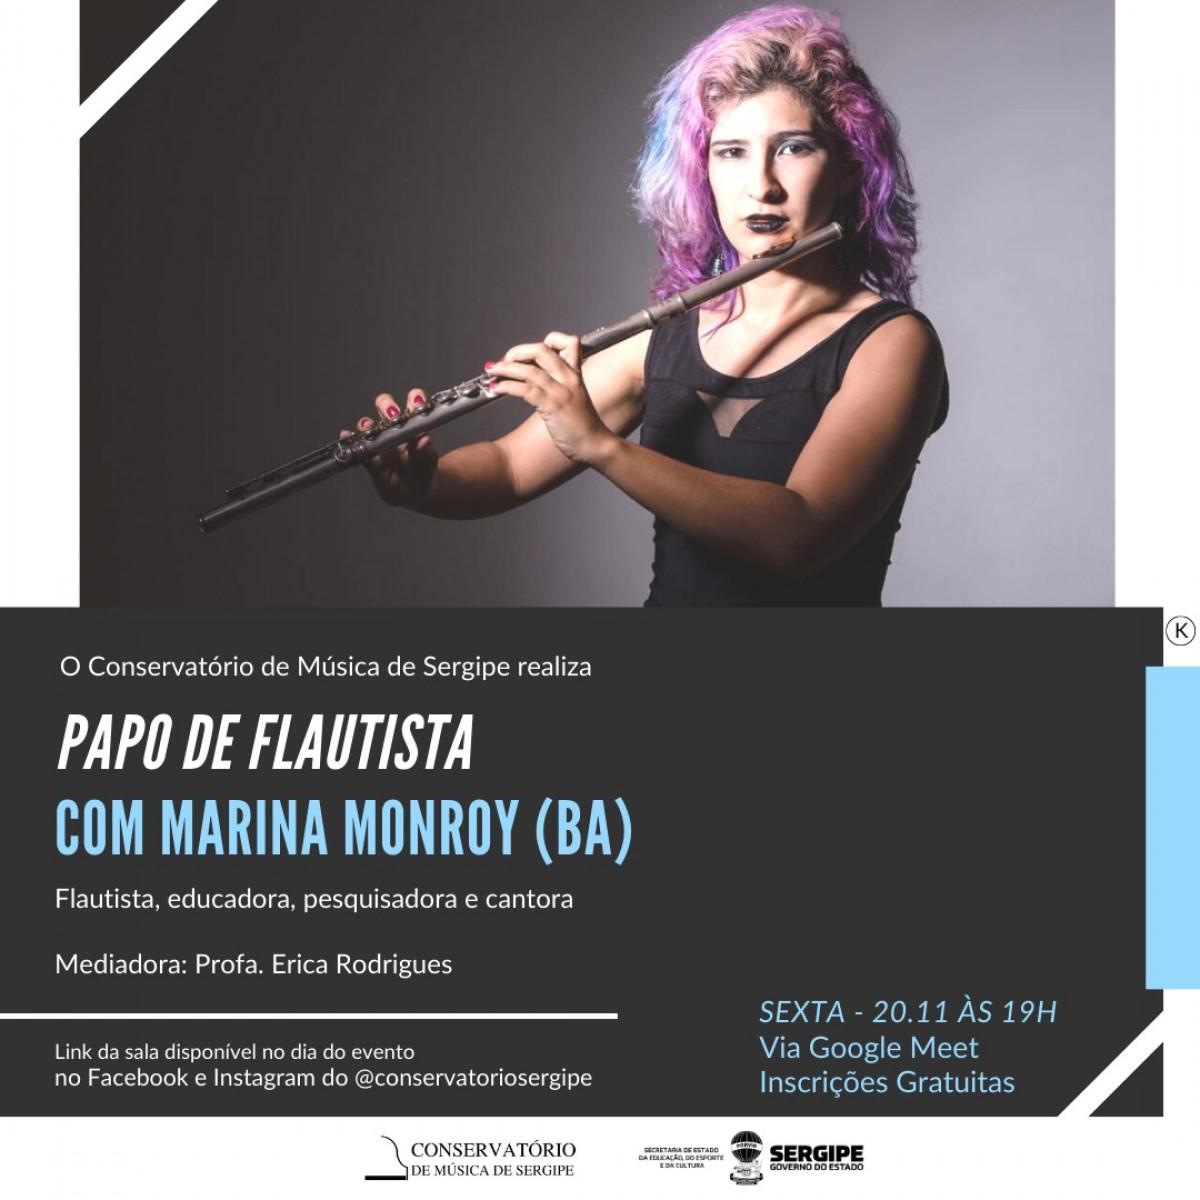 Conservatório de Música de Sergipe convida a musicista Marina Monroy para o Papo de Flautista (Imagem: Divulgação)